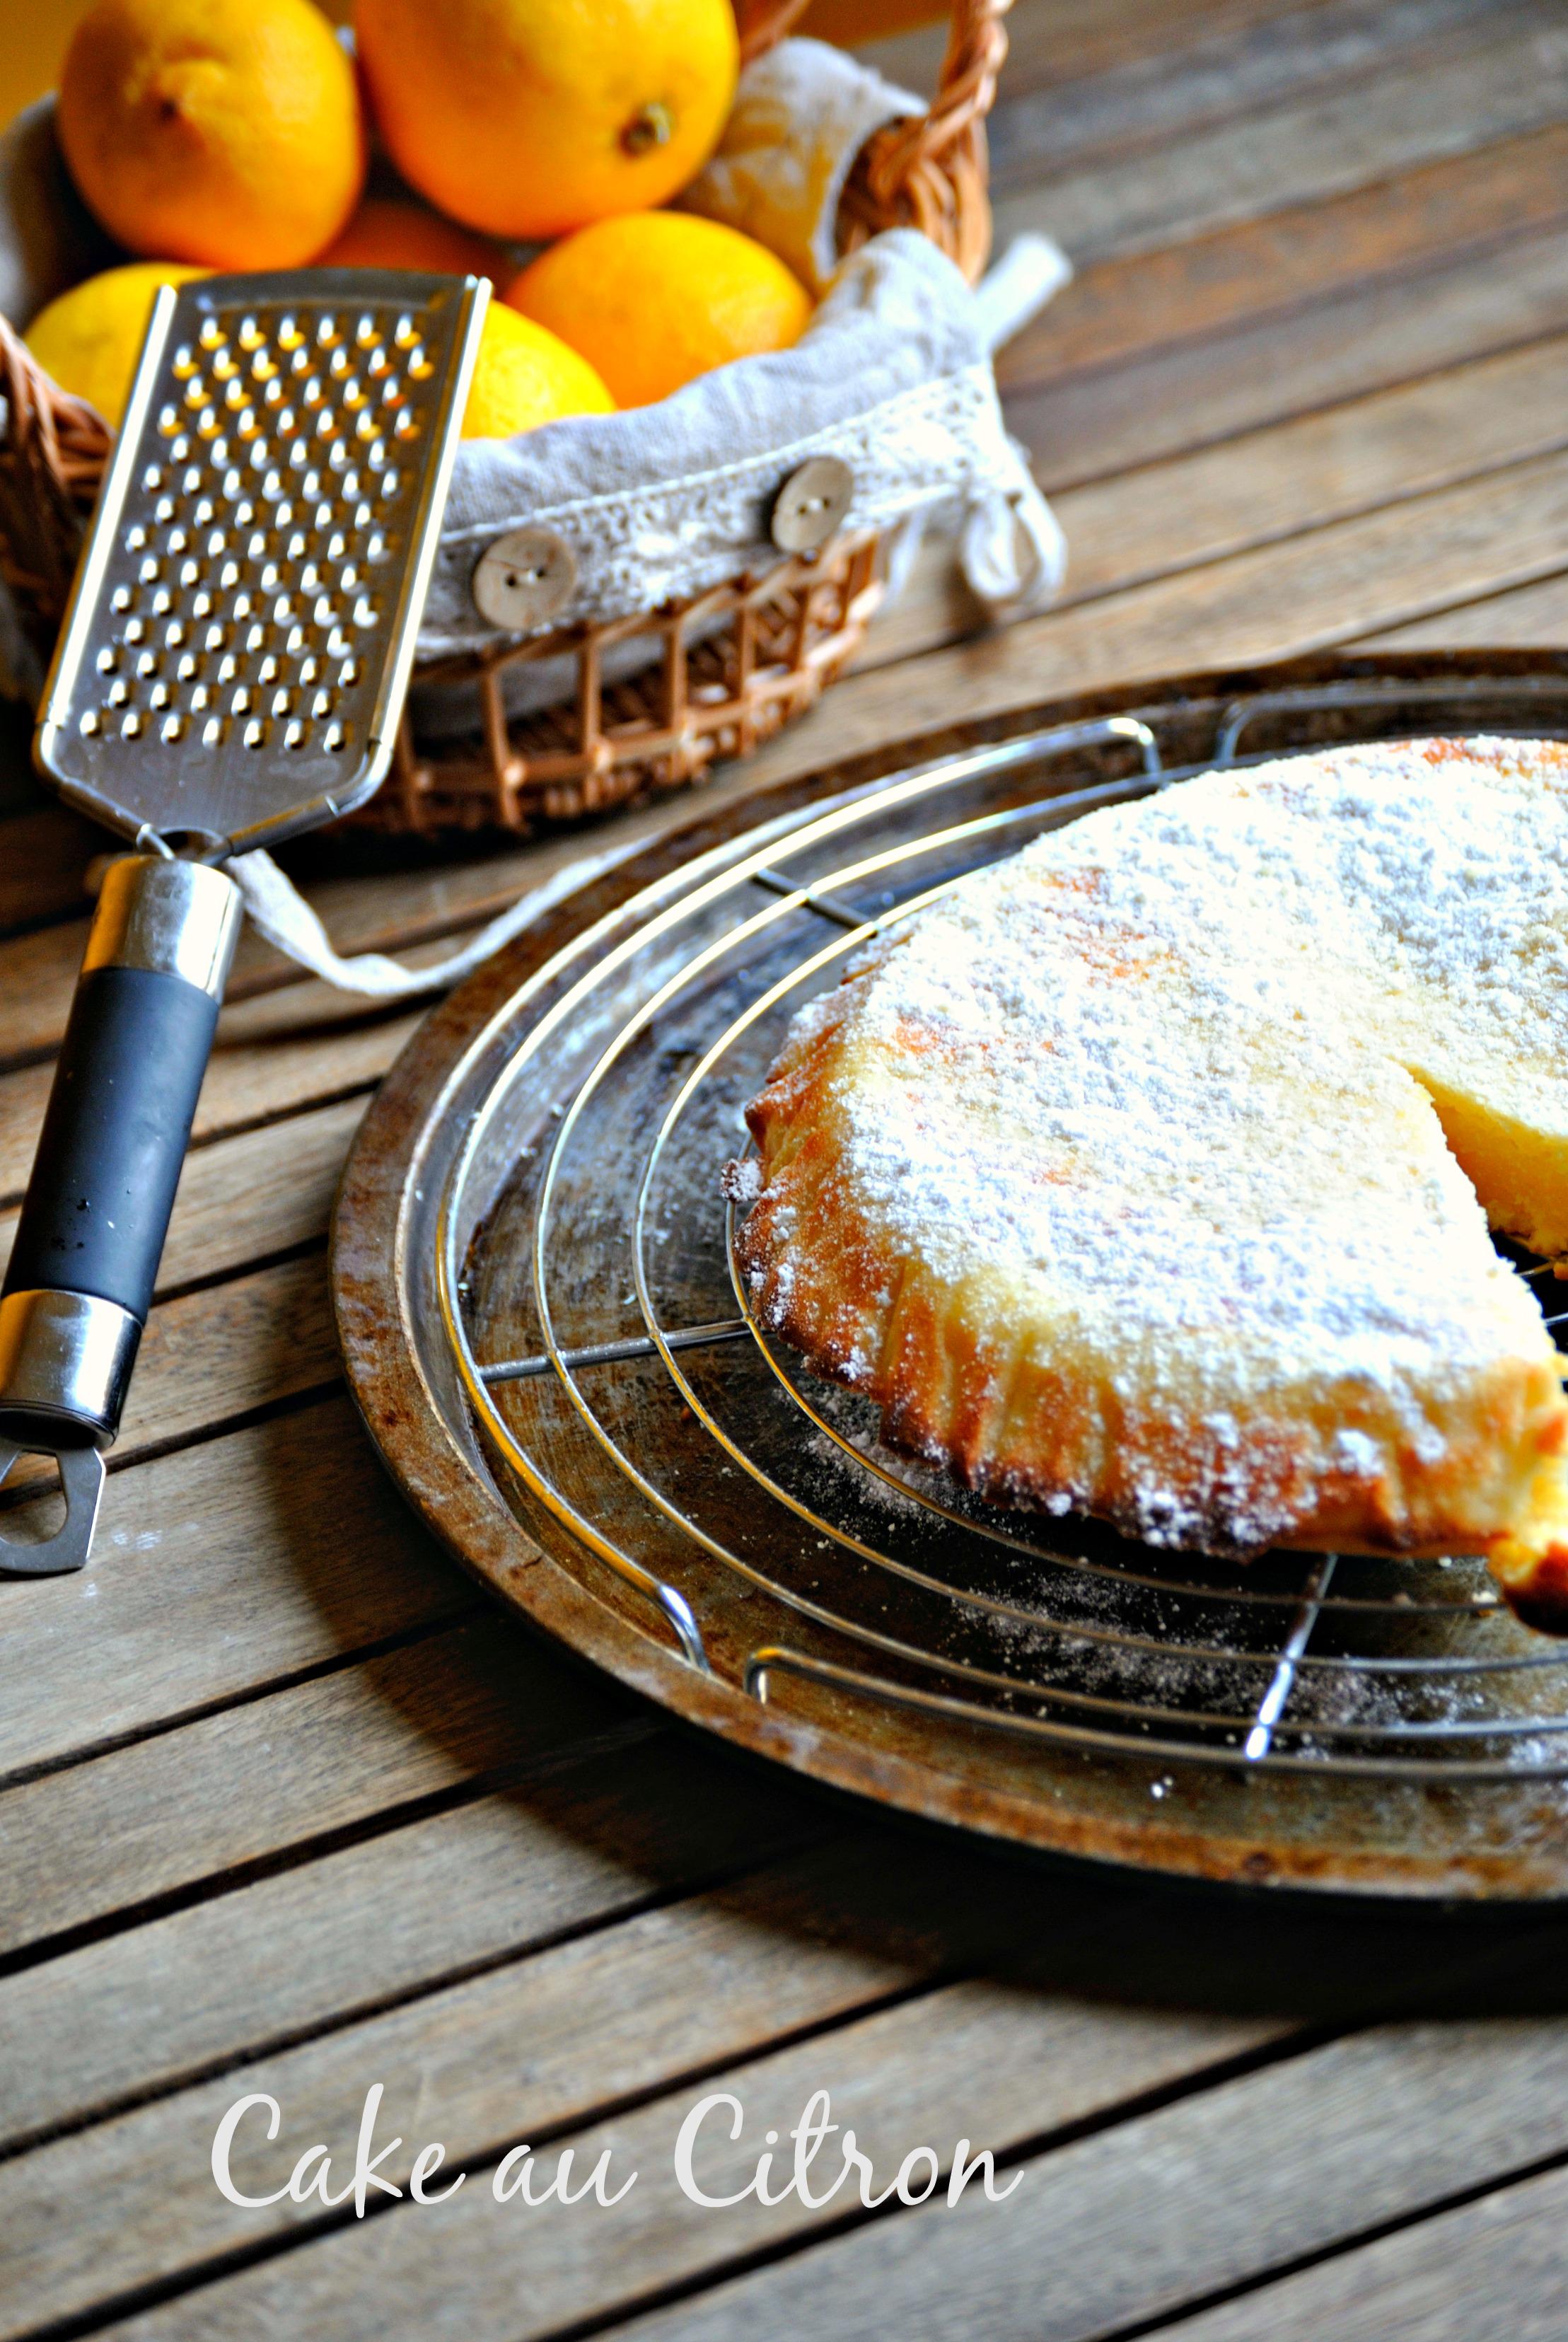 La recette fastoche du week-end : Le Cake au Citron/Crème de Hanane on